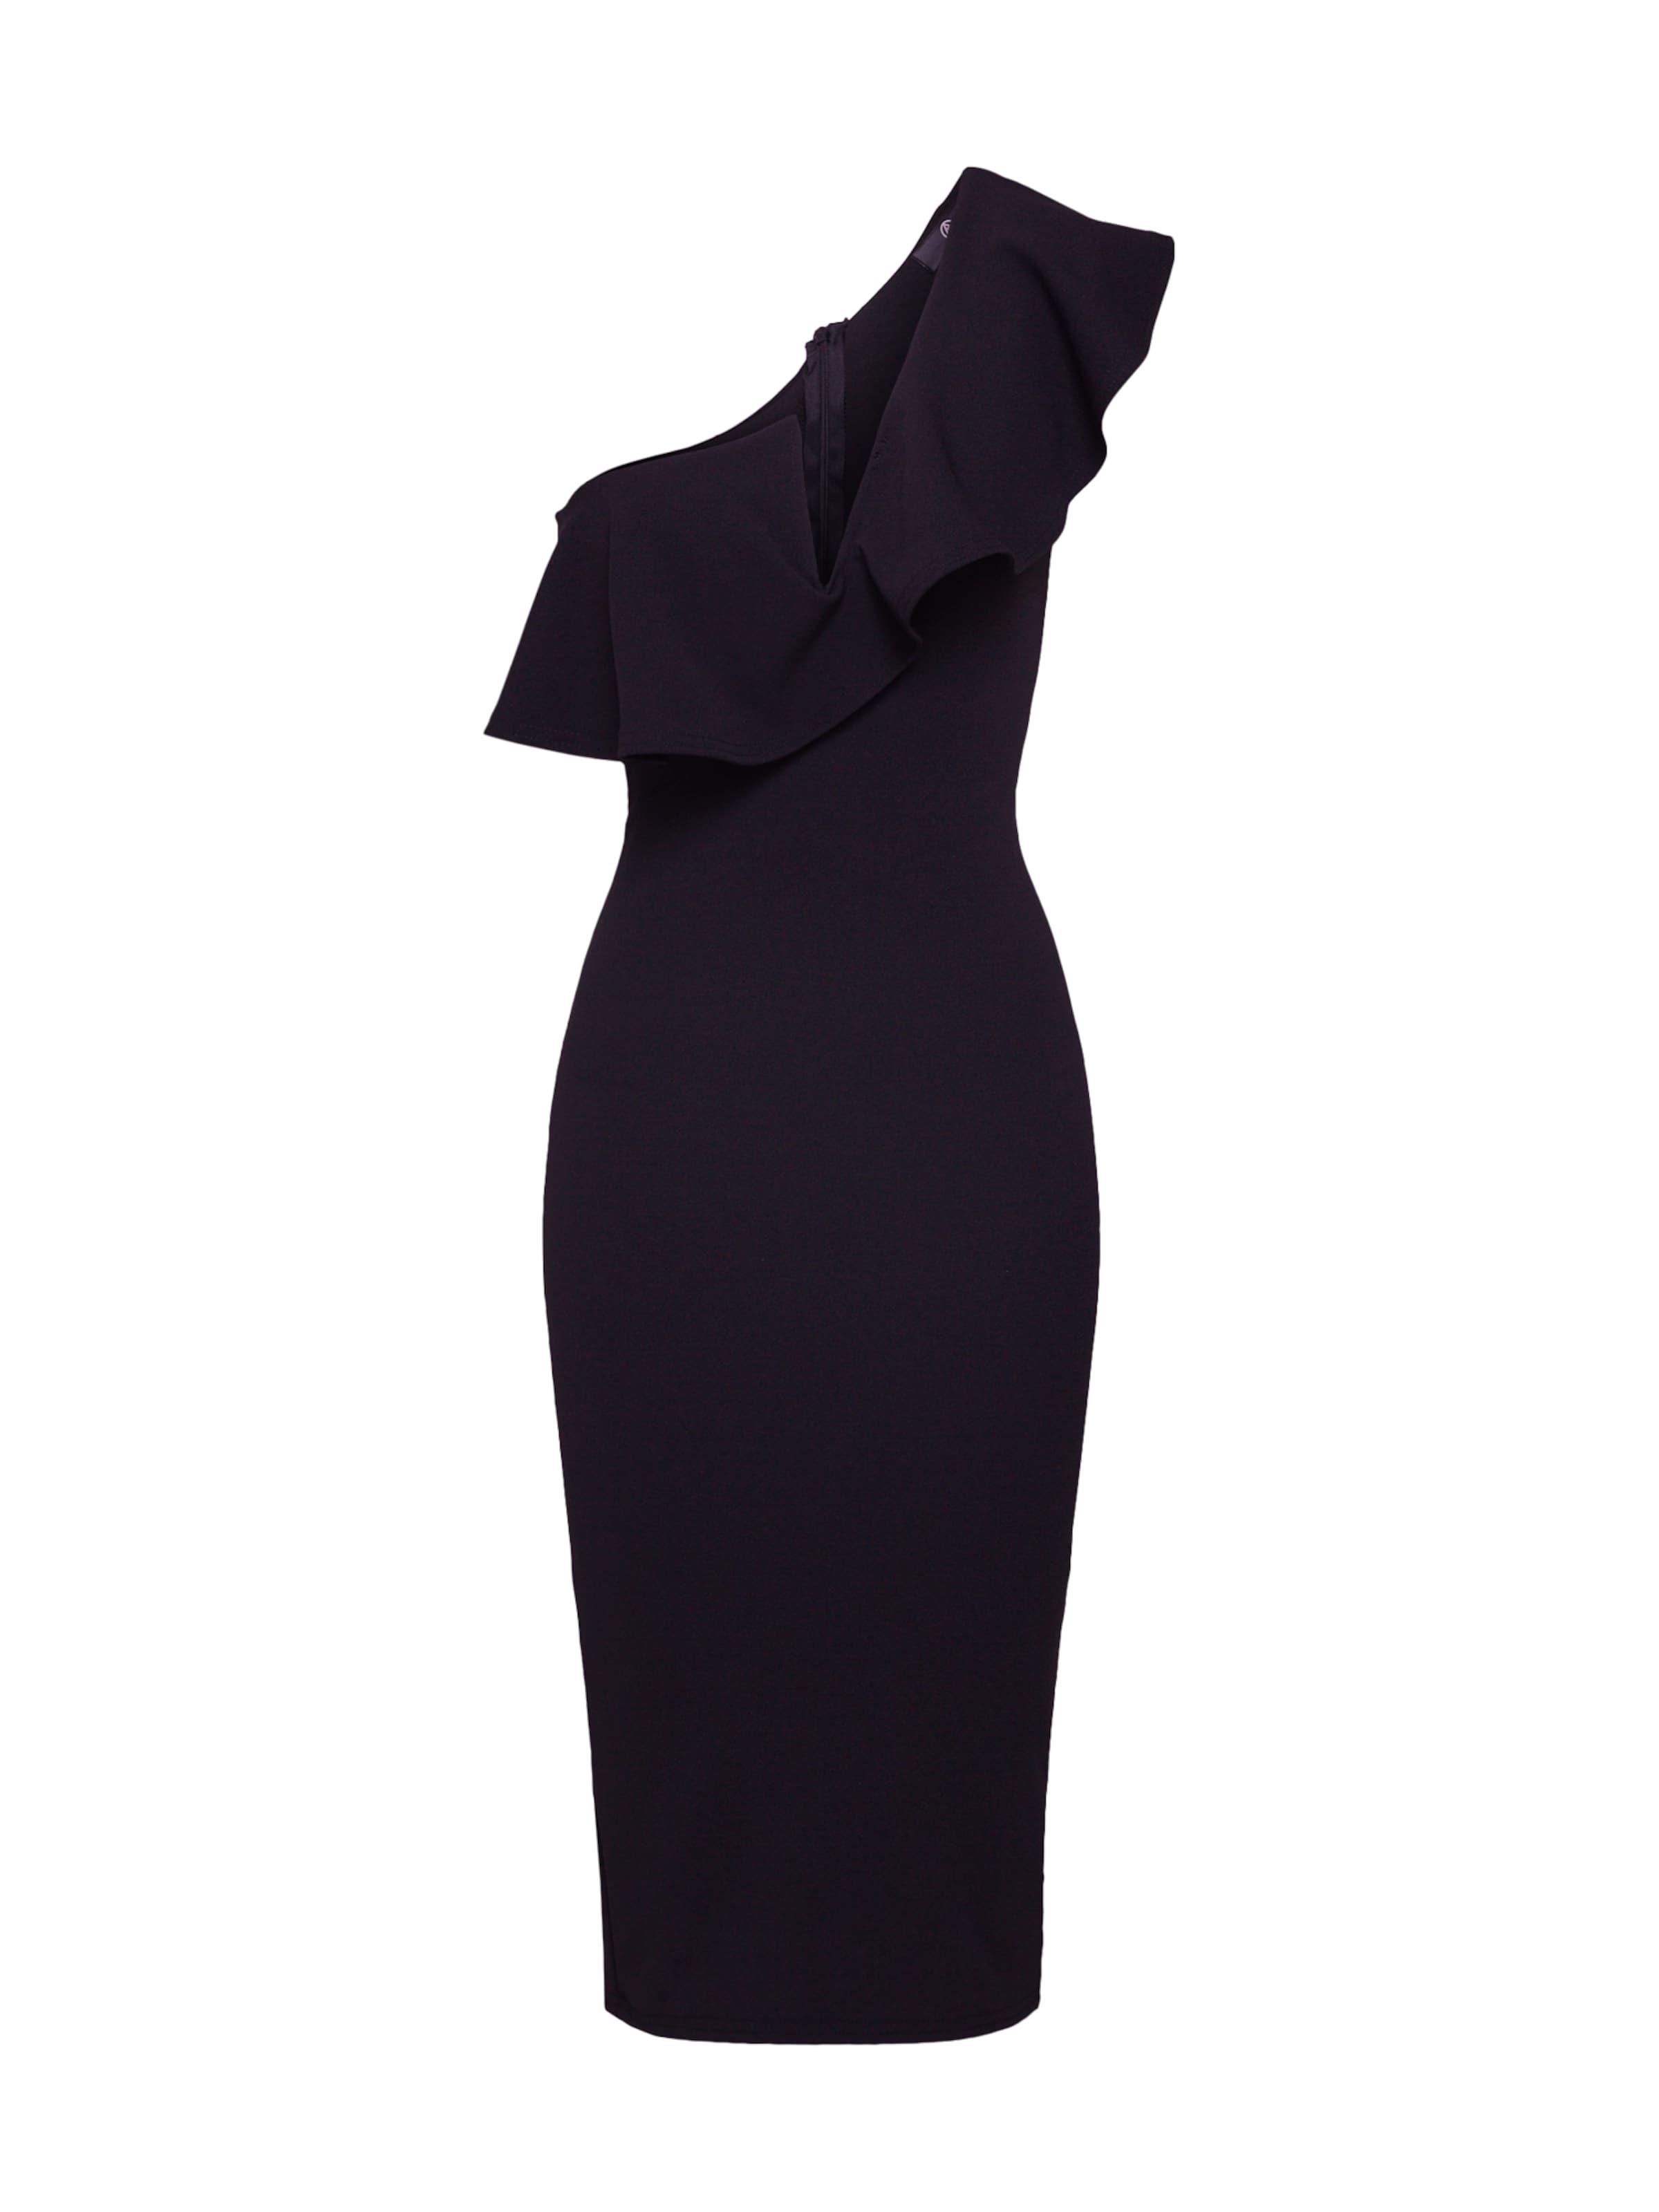 'one Shoulder Dress' Schwarz Frill In Kleid Midi Missguided kOPNZn0X8w